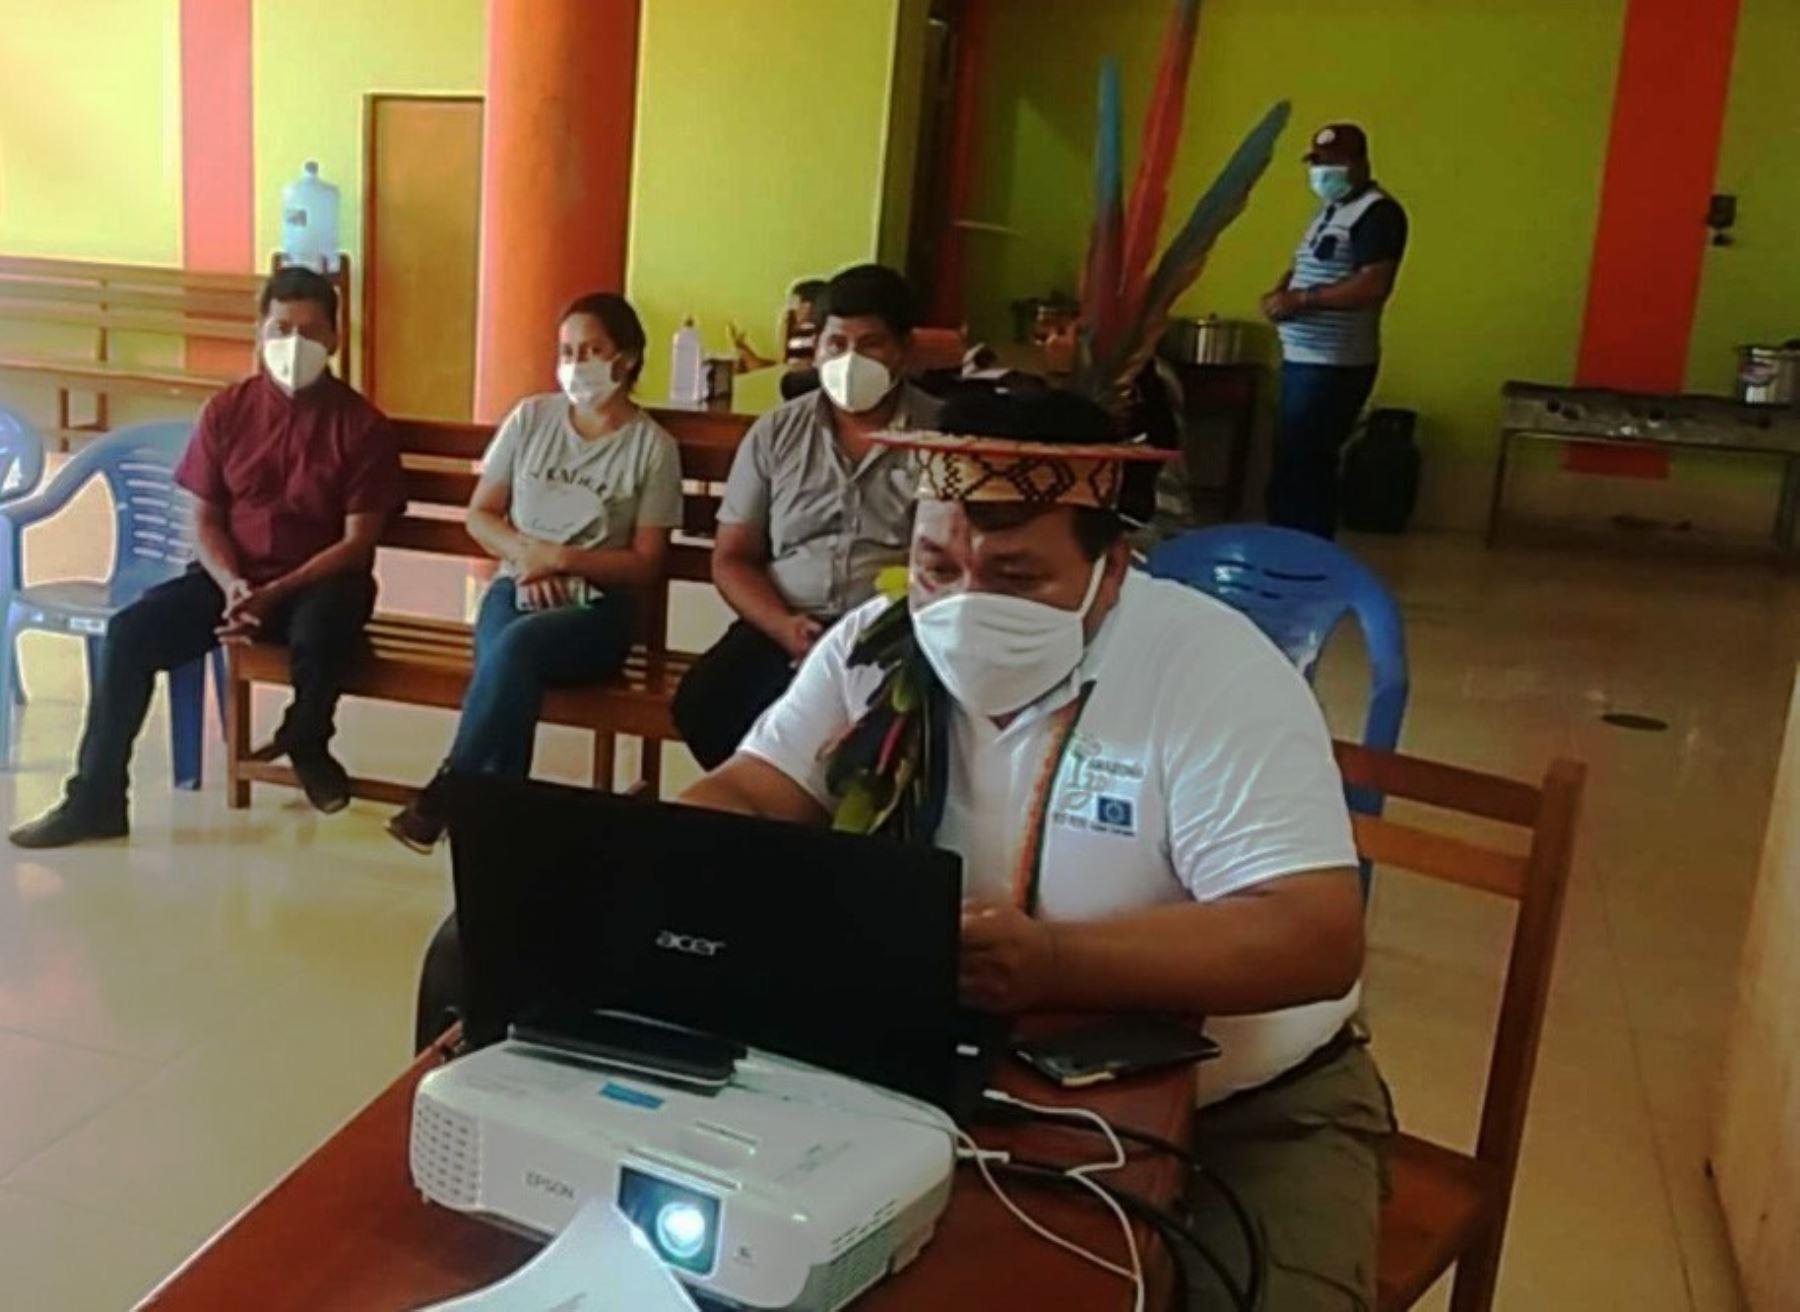 El Serfor, la cooperación alemana GIZ y la ONG DAR, unieron esfuerzos para prevenir contagios de coronavirus en comunidades indígenas de la provincia de Atalaya, en Ucayali. ANDINA/Difusión